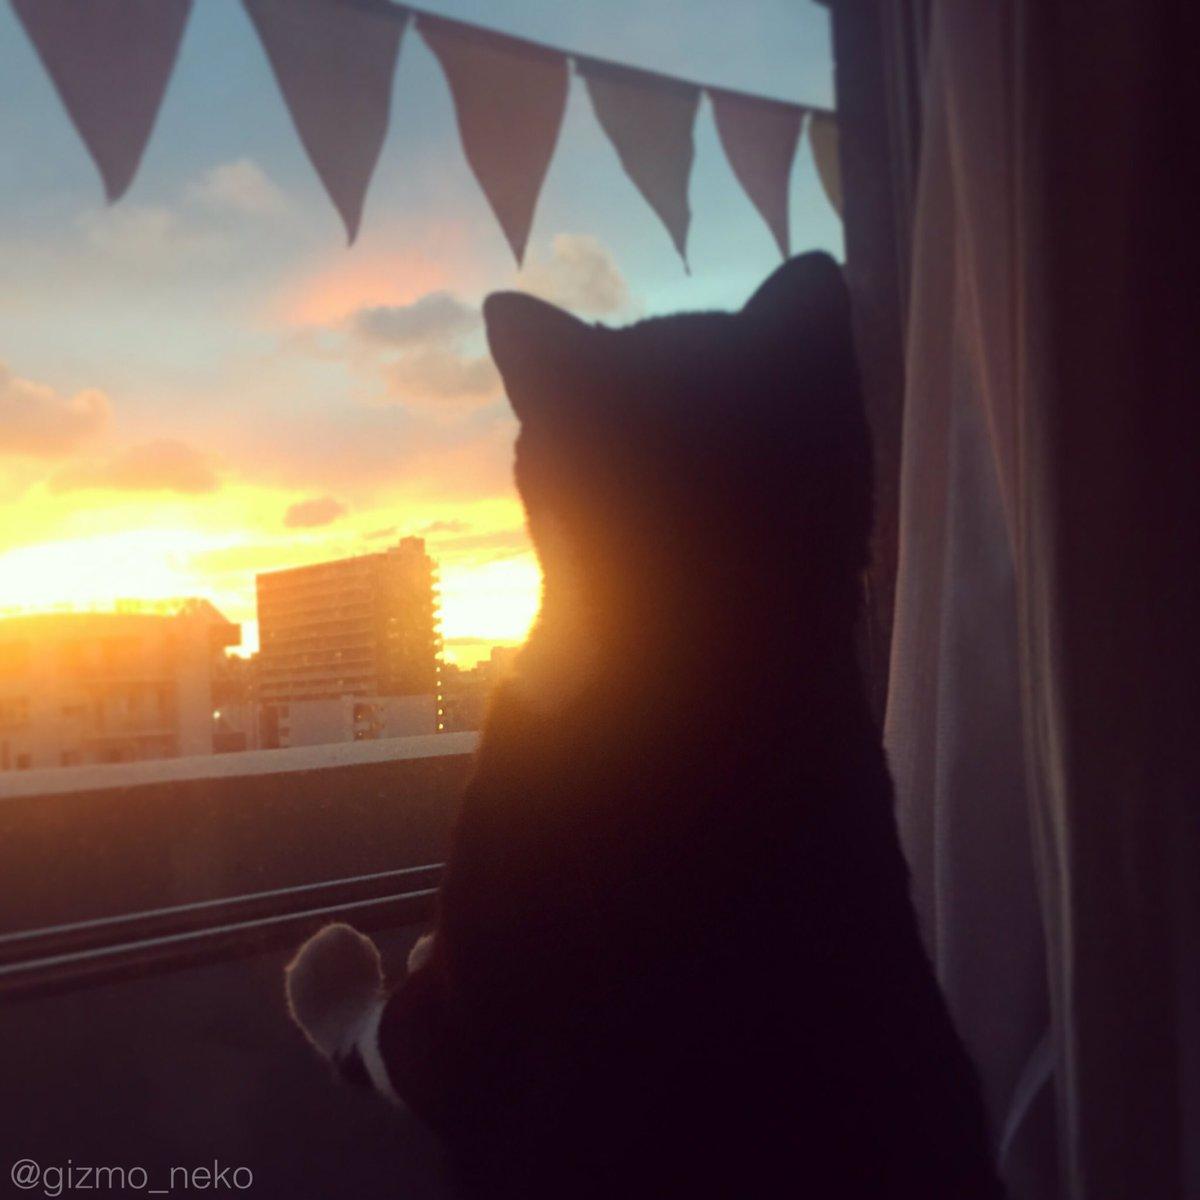 夕焼けが綺麗な日はやたら外を眺めたがるんだけど、何なの?ロマンチストなの? pic.twitter.com/XYWHNmPoAs